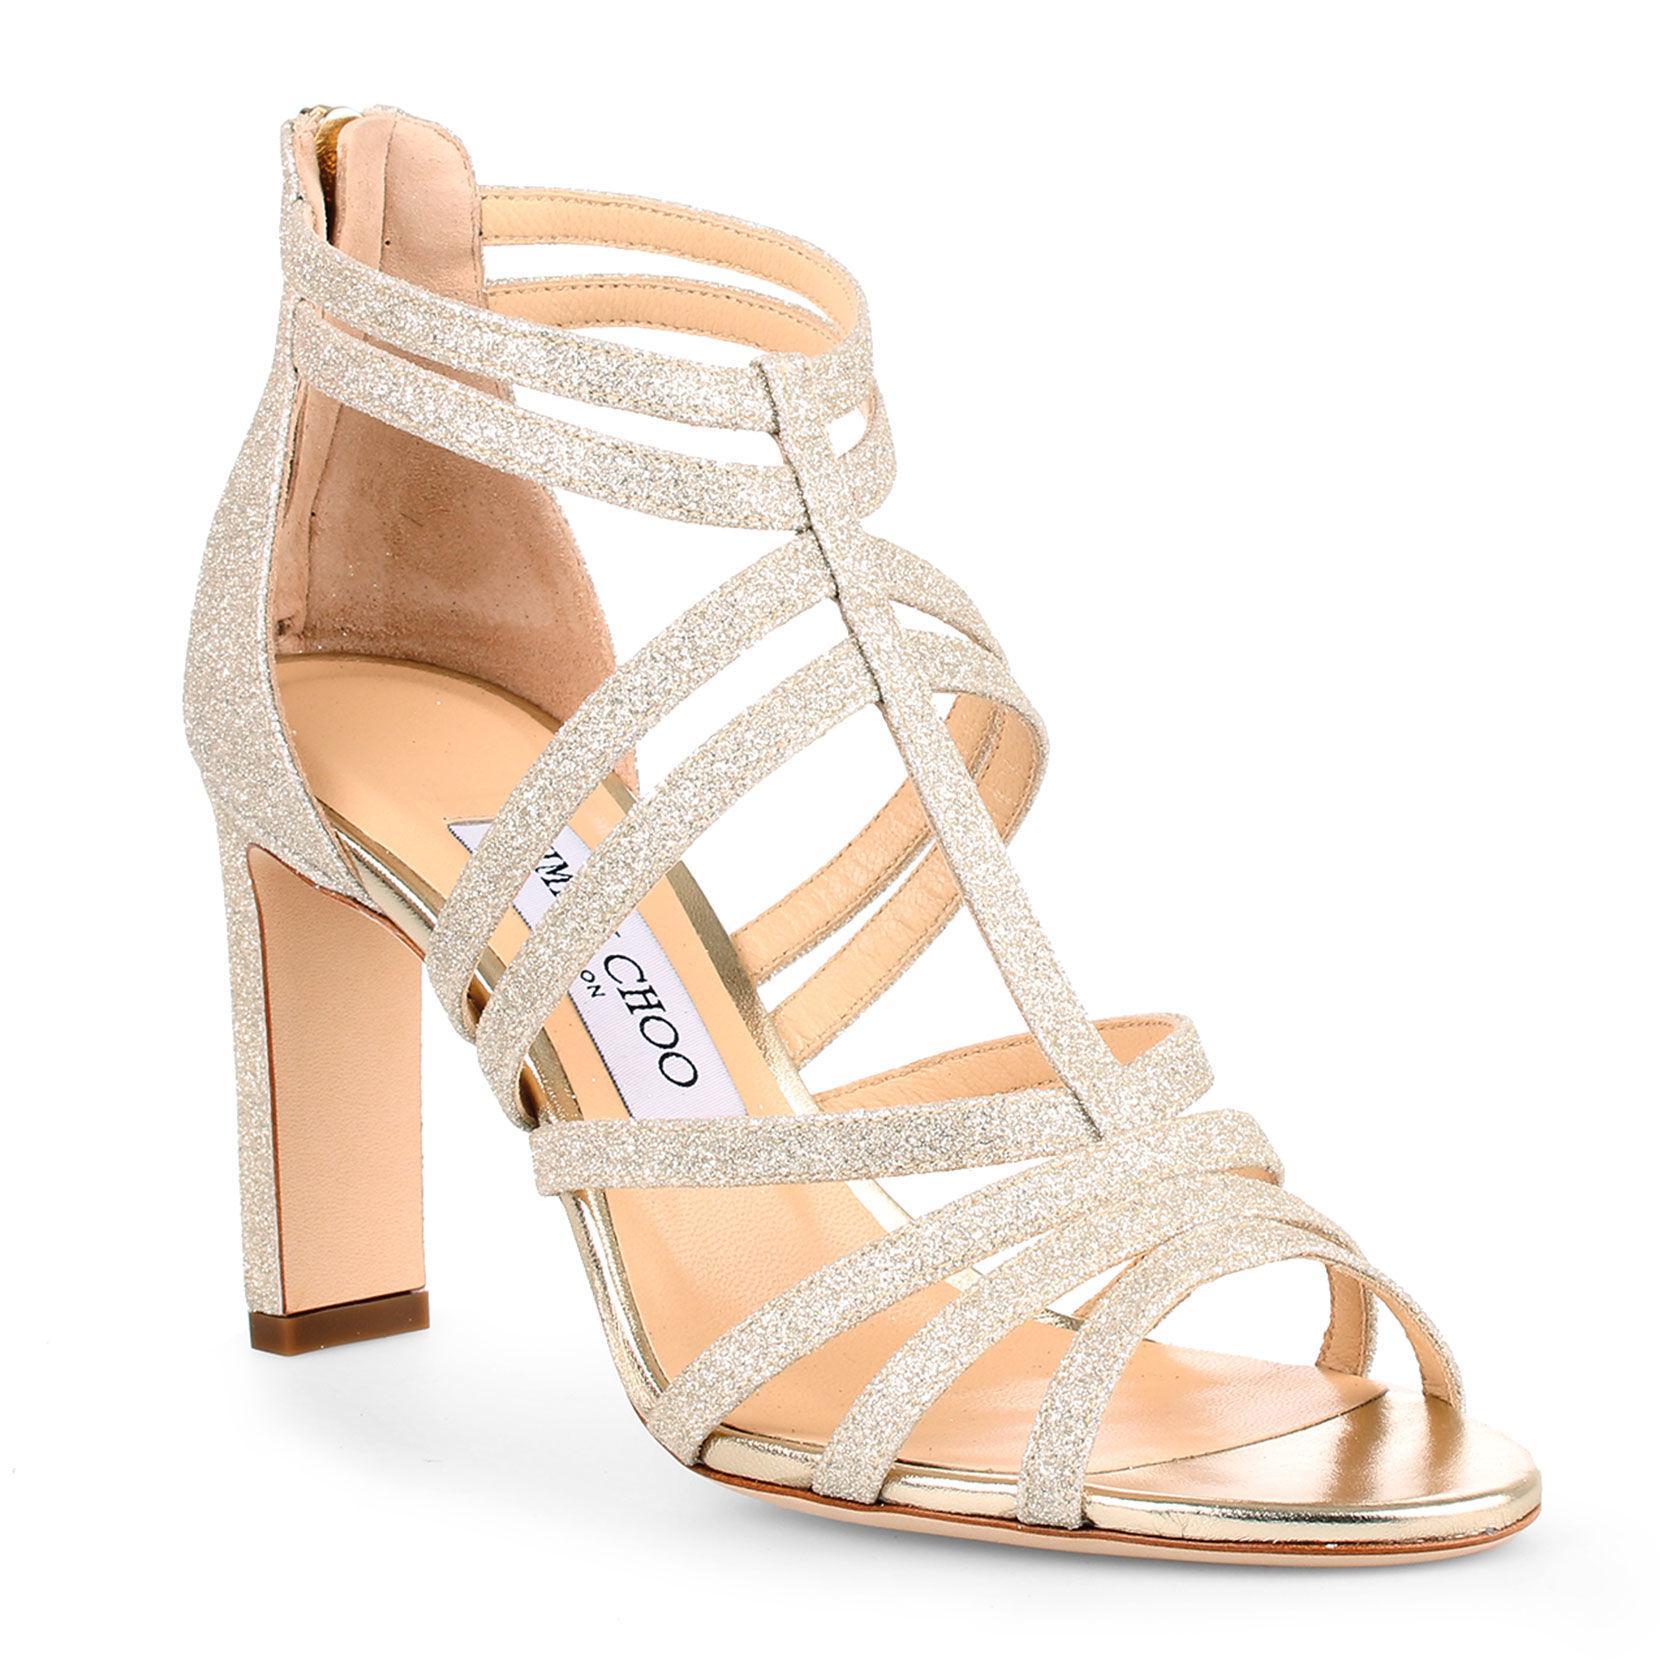 40ef5282914 Lyst - Jimmy Choo Selina 85 Dusty Glitter Sandals in Metallic